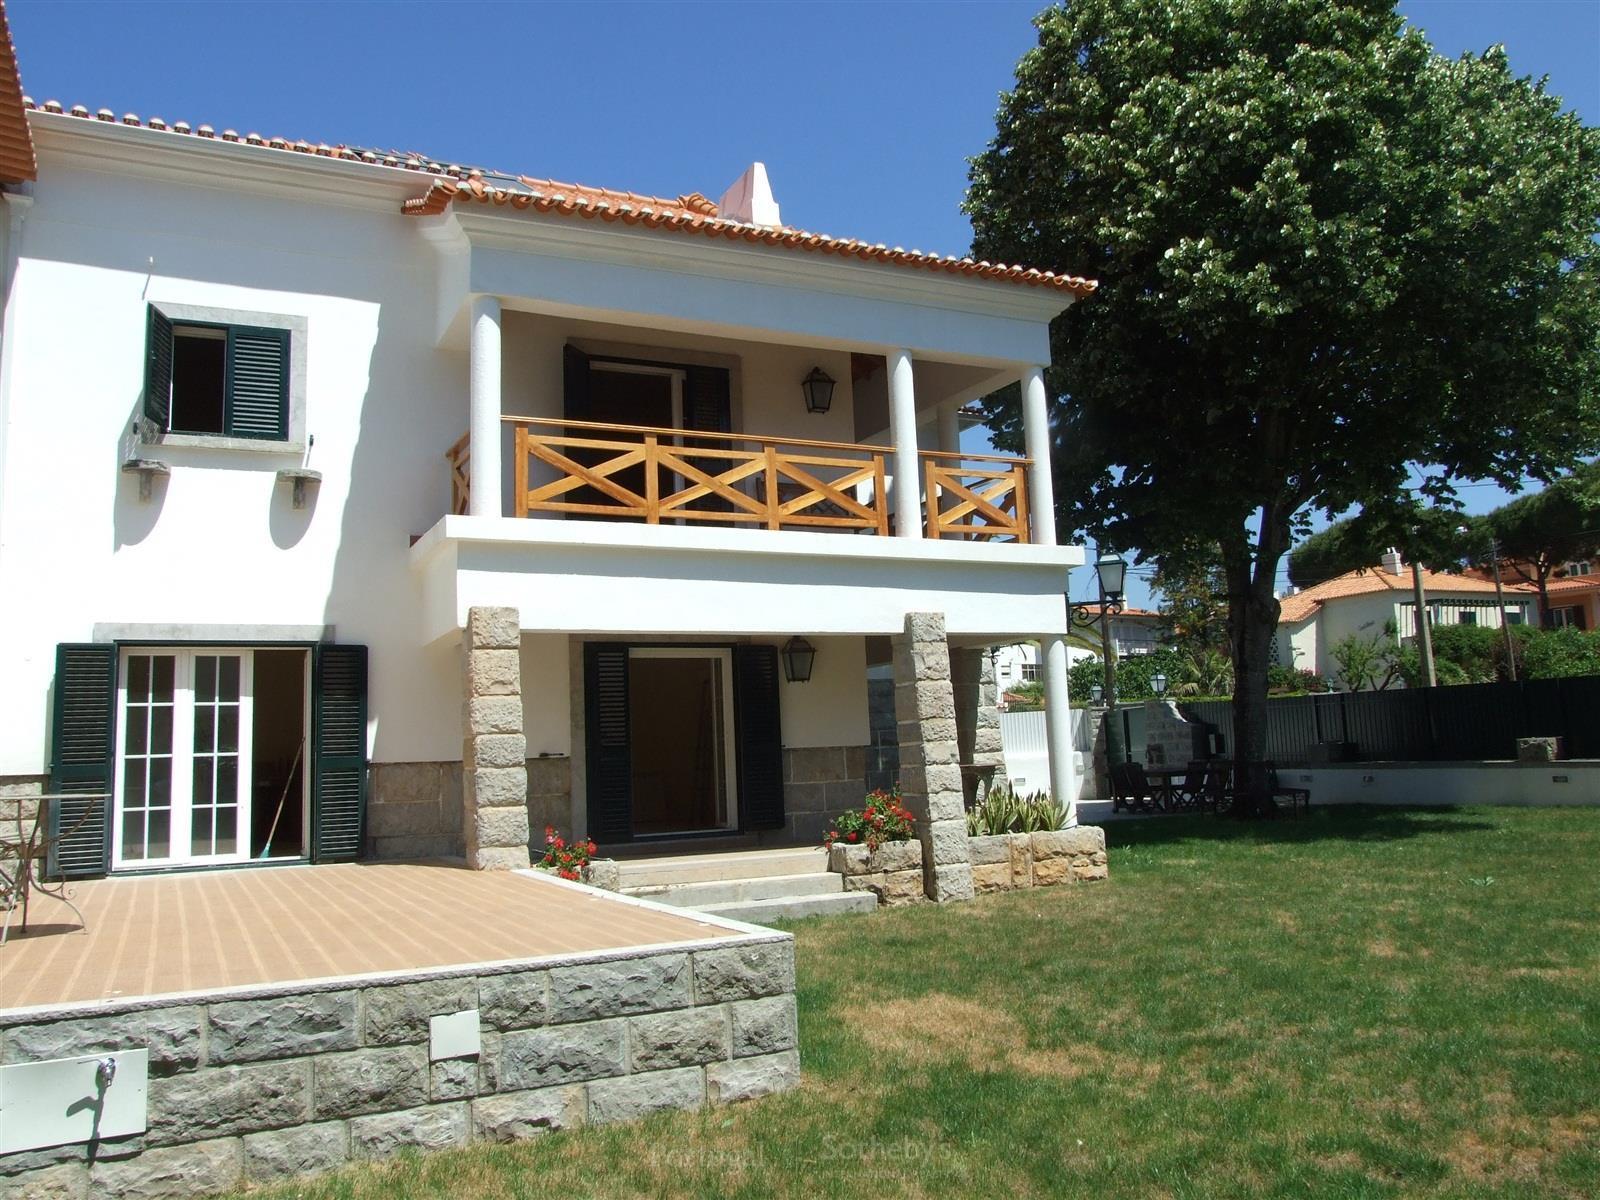 Maison unifamiliale pour l Vente à House, 6 bedrooms, for Sale Cascais, Lisbonne Portugal